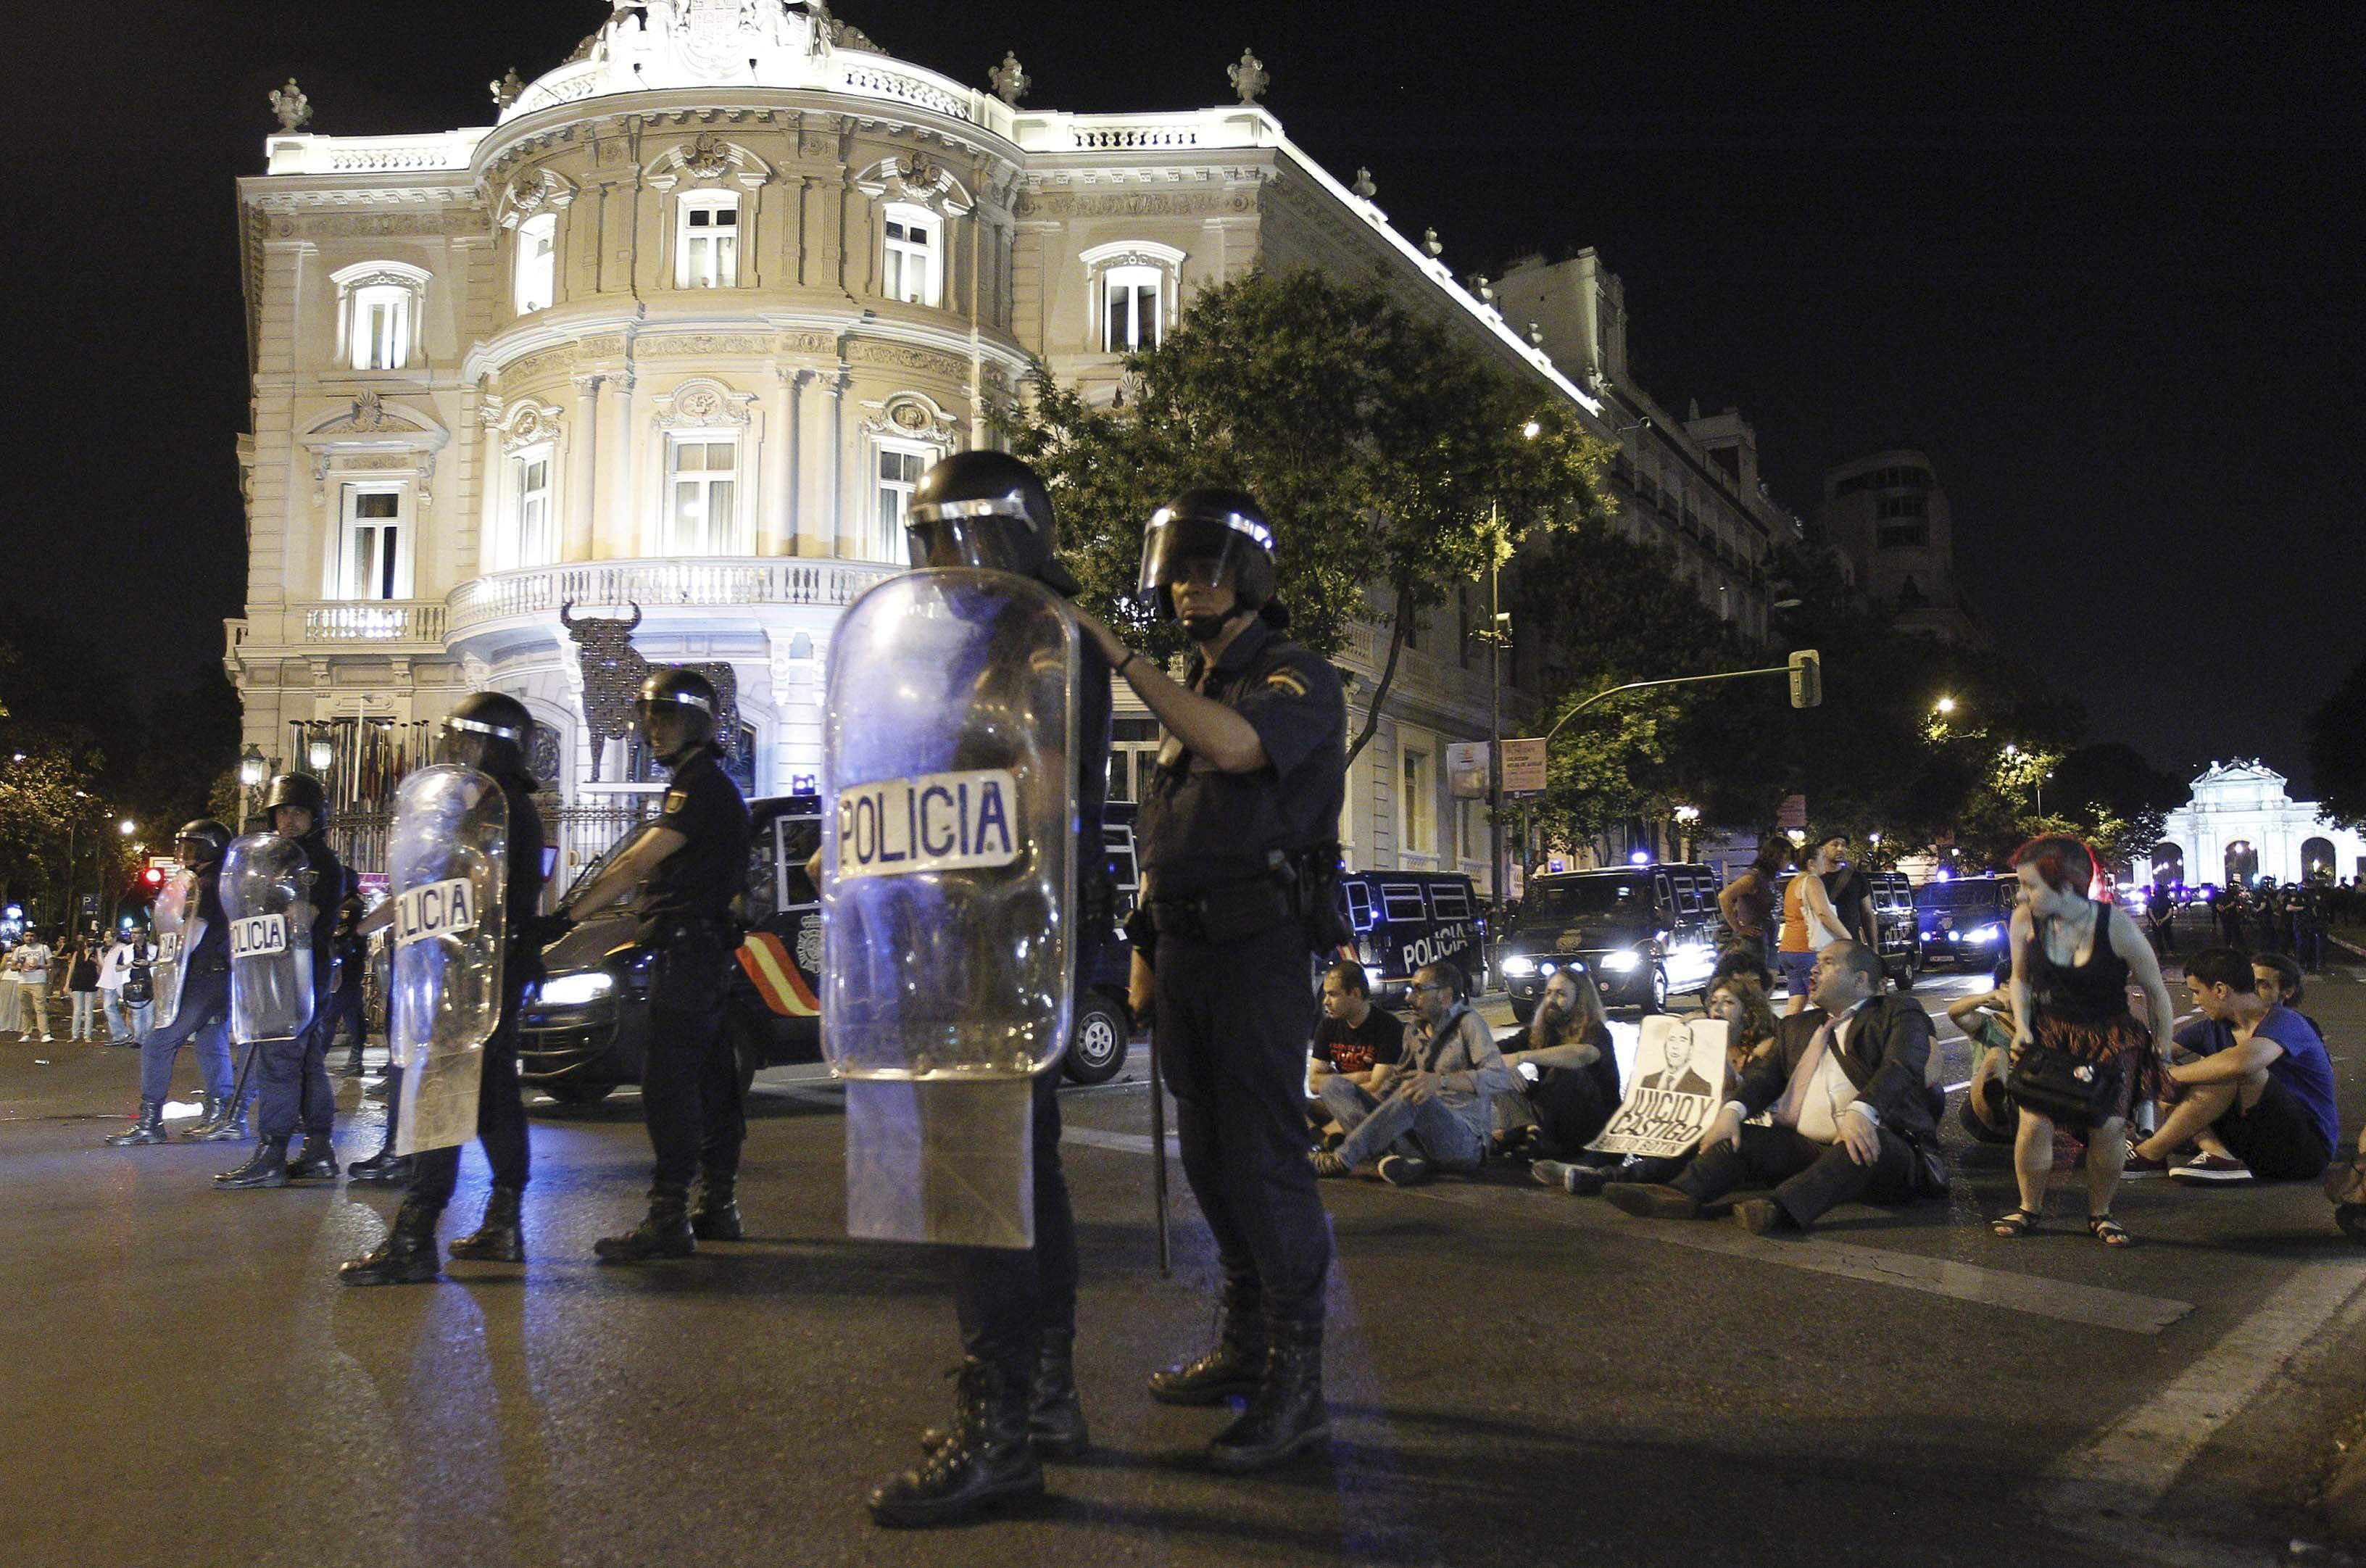 4 detenidos y 2 policías heridos tras una protesta ante la sede PP en Valencia